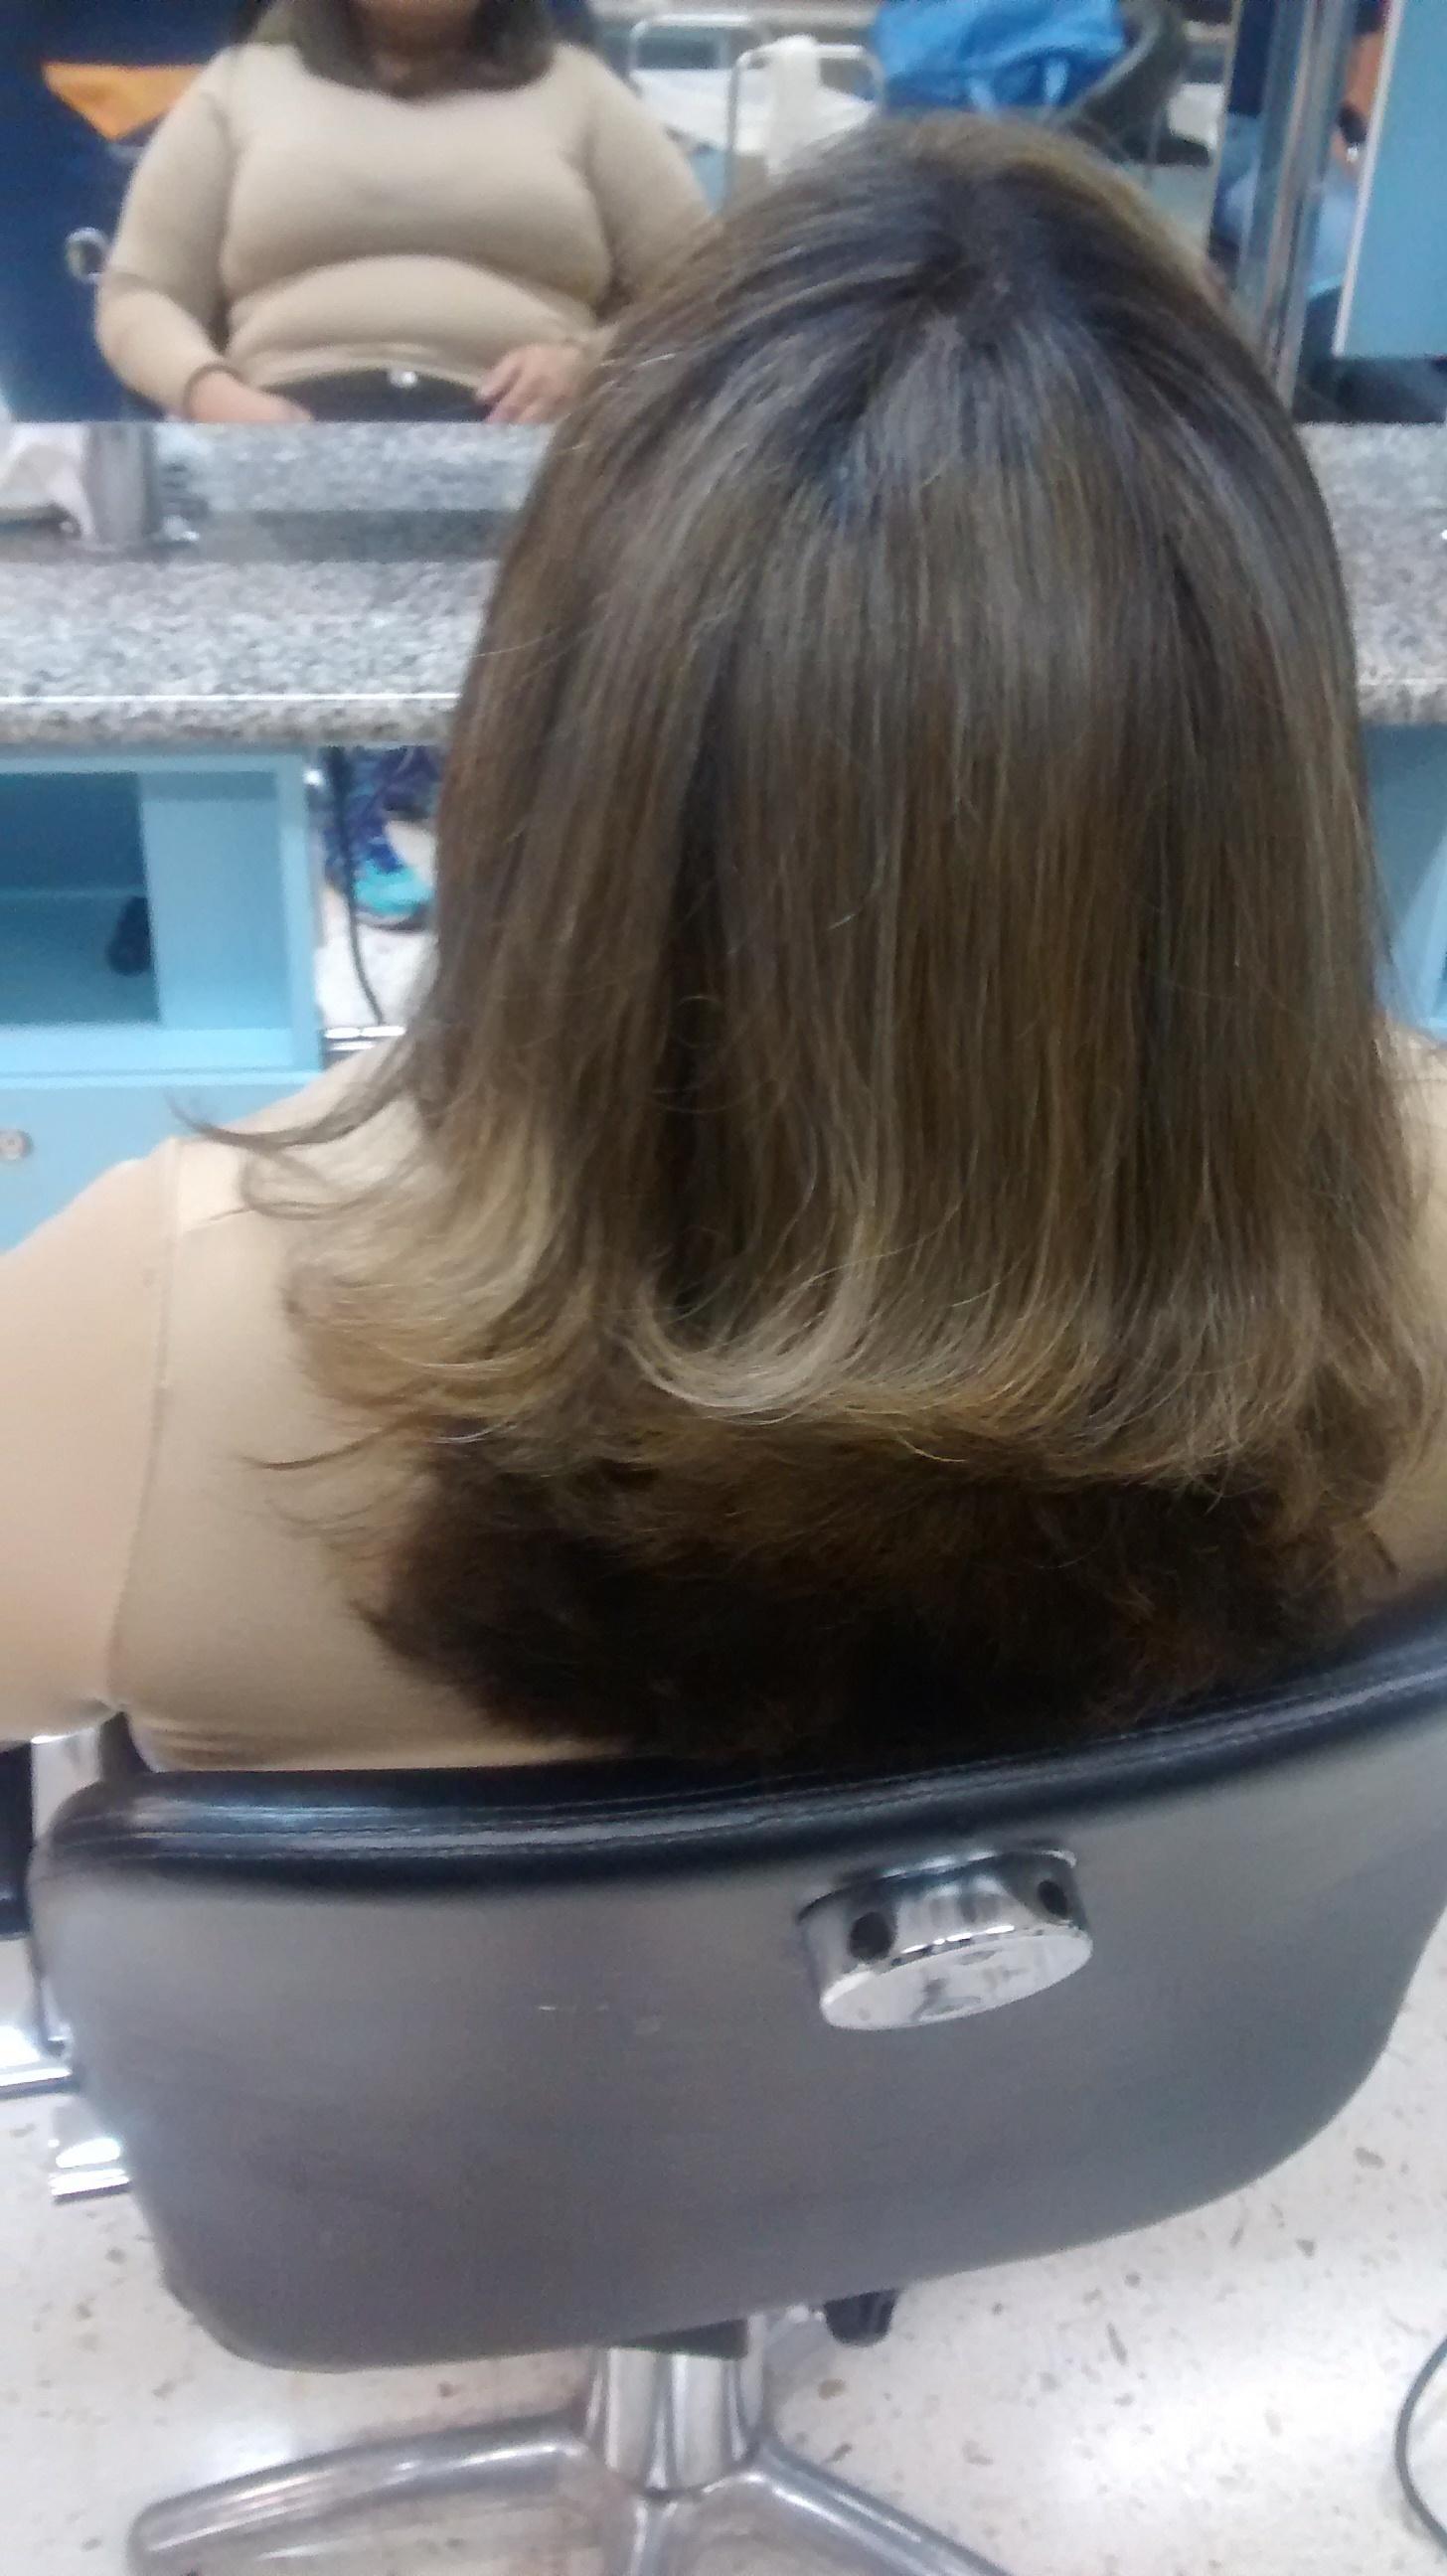 Corte logbob totalização escova finalizado  cabelo auxiliar cabeleireiro(a)